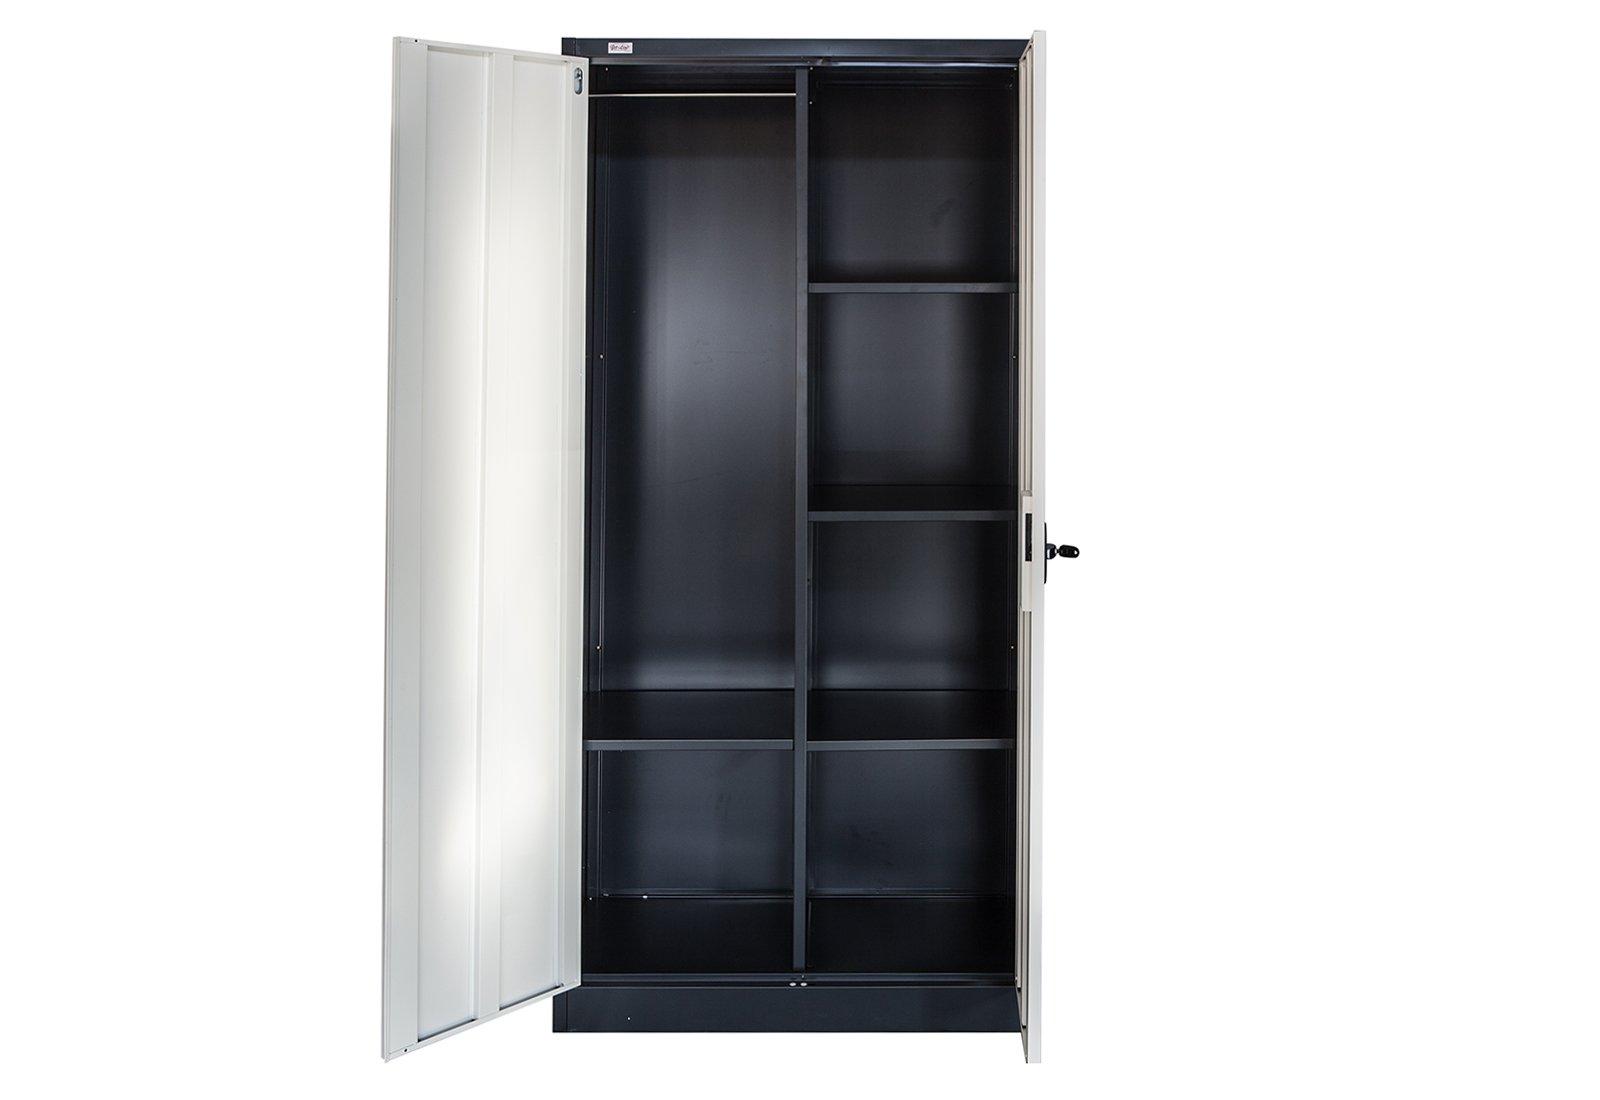 Armadio Ufficio Con Chiavi : Schedario omsk set di grigio scuro bianco con appendiabiti ufficio